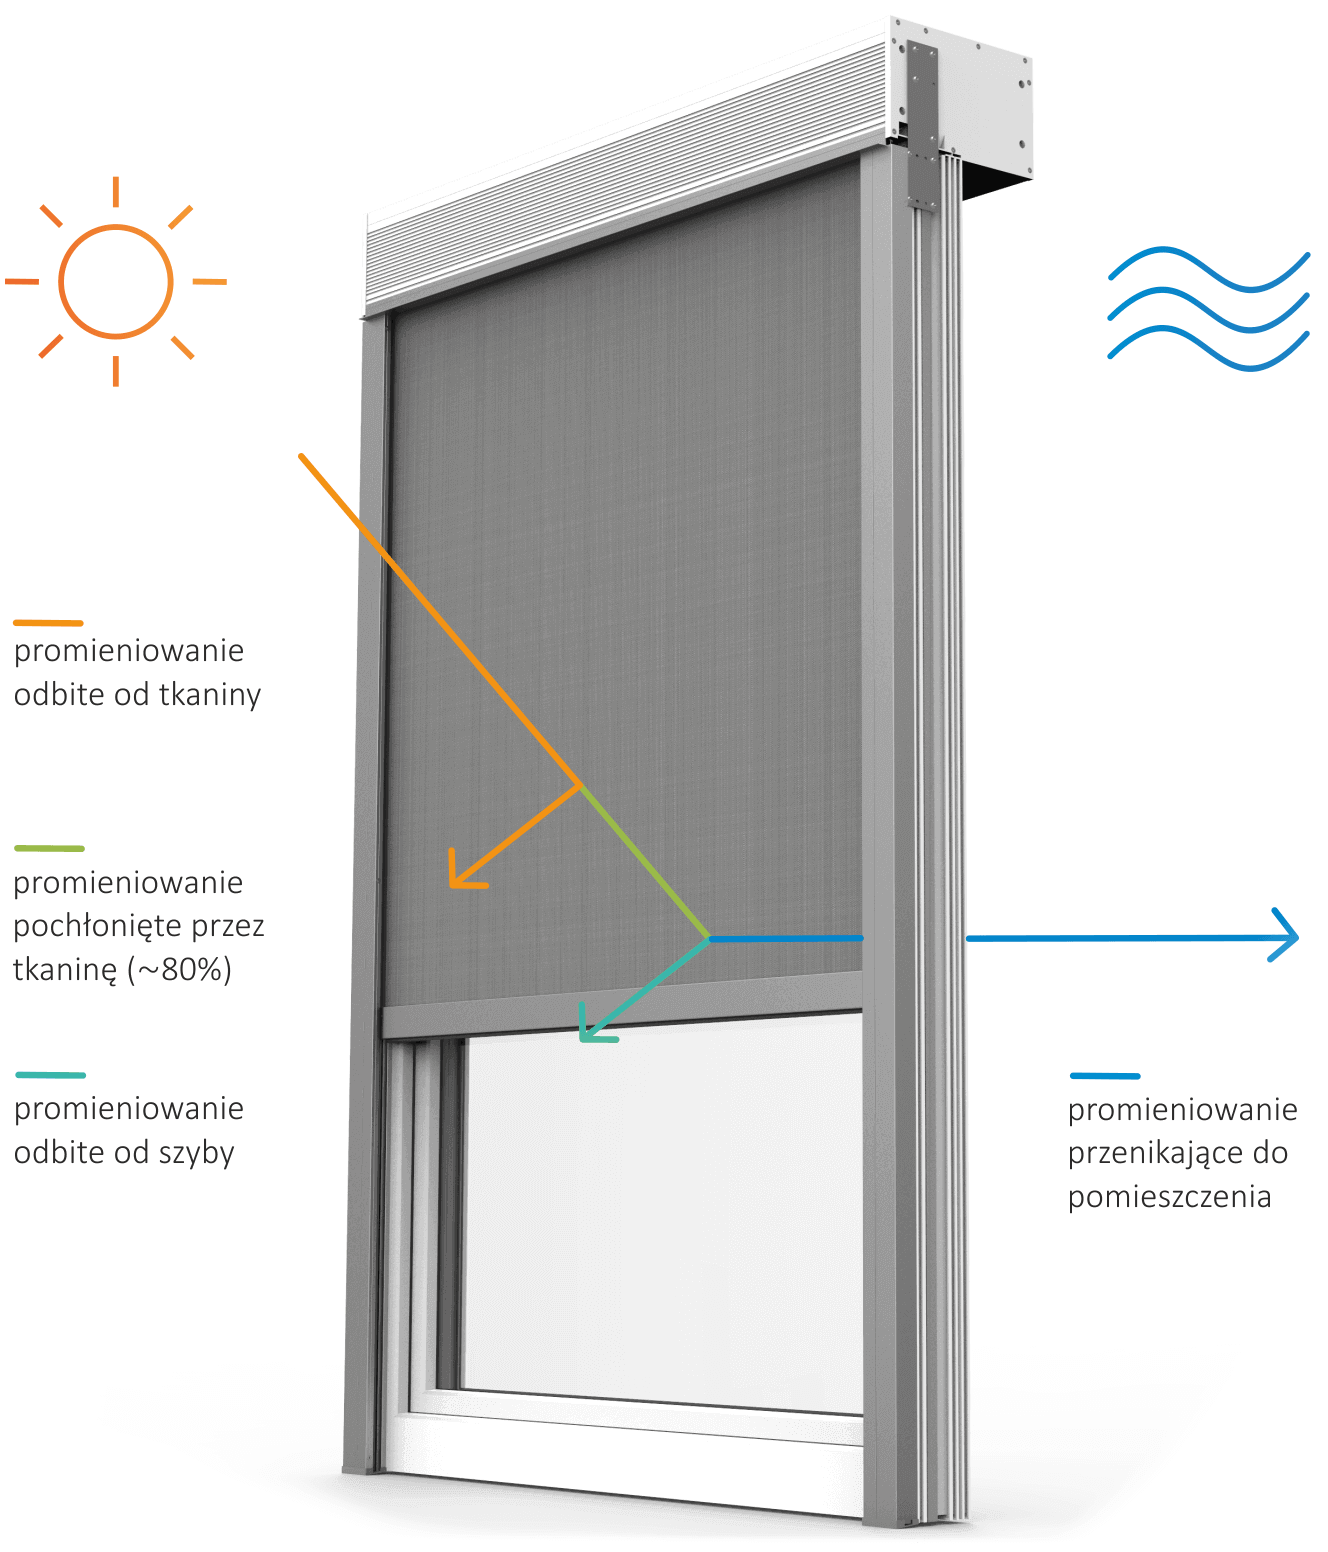 Przepuszczalność energii słonecznej i światła przez roletę typu screen